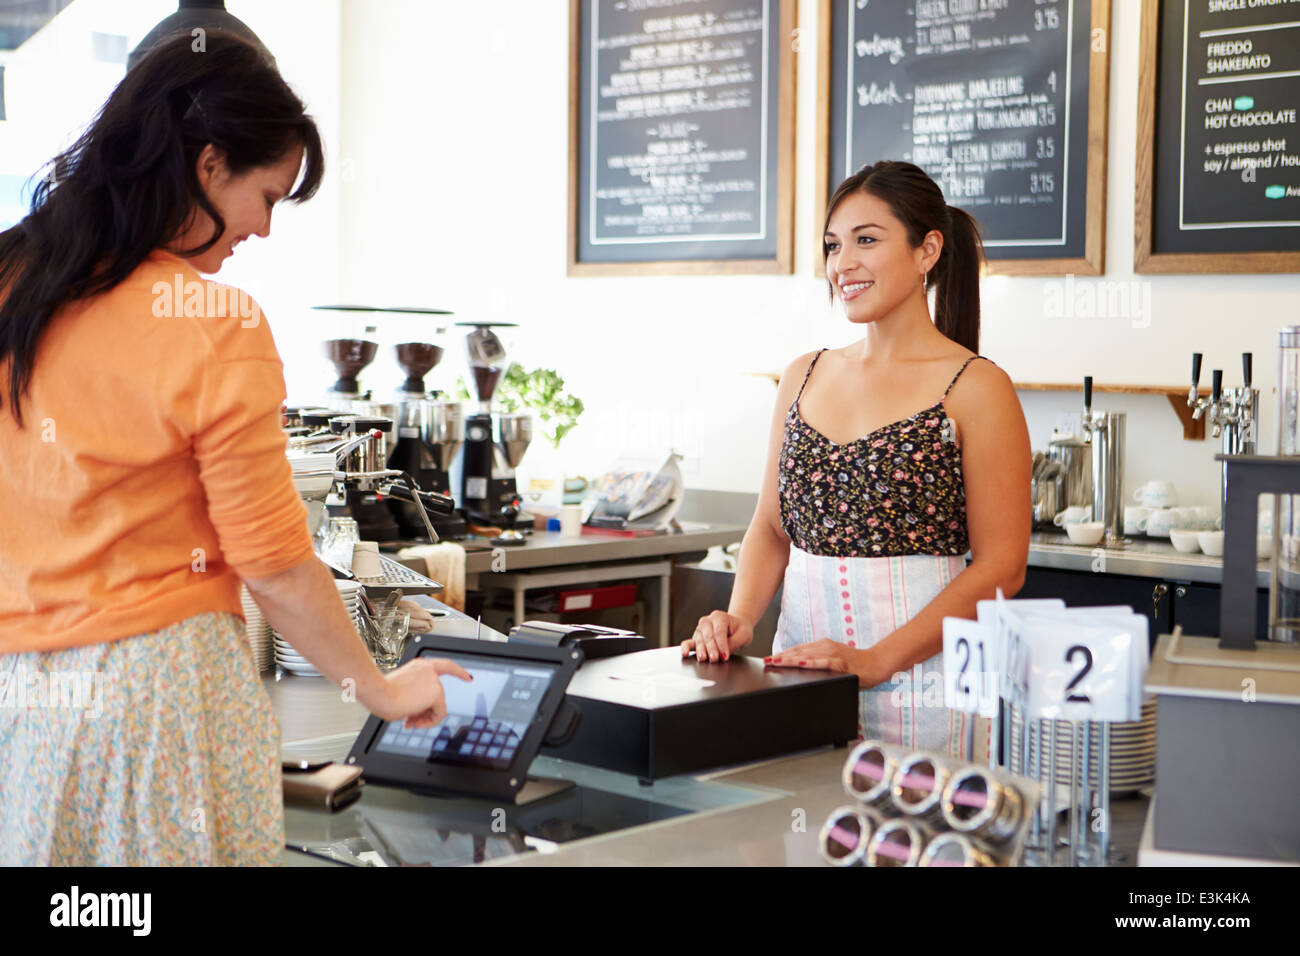 Le paiement du client dans un café à l'aide d'écran tactile Photo Stock